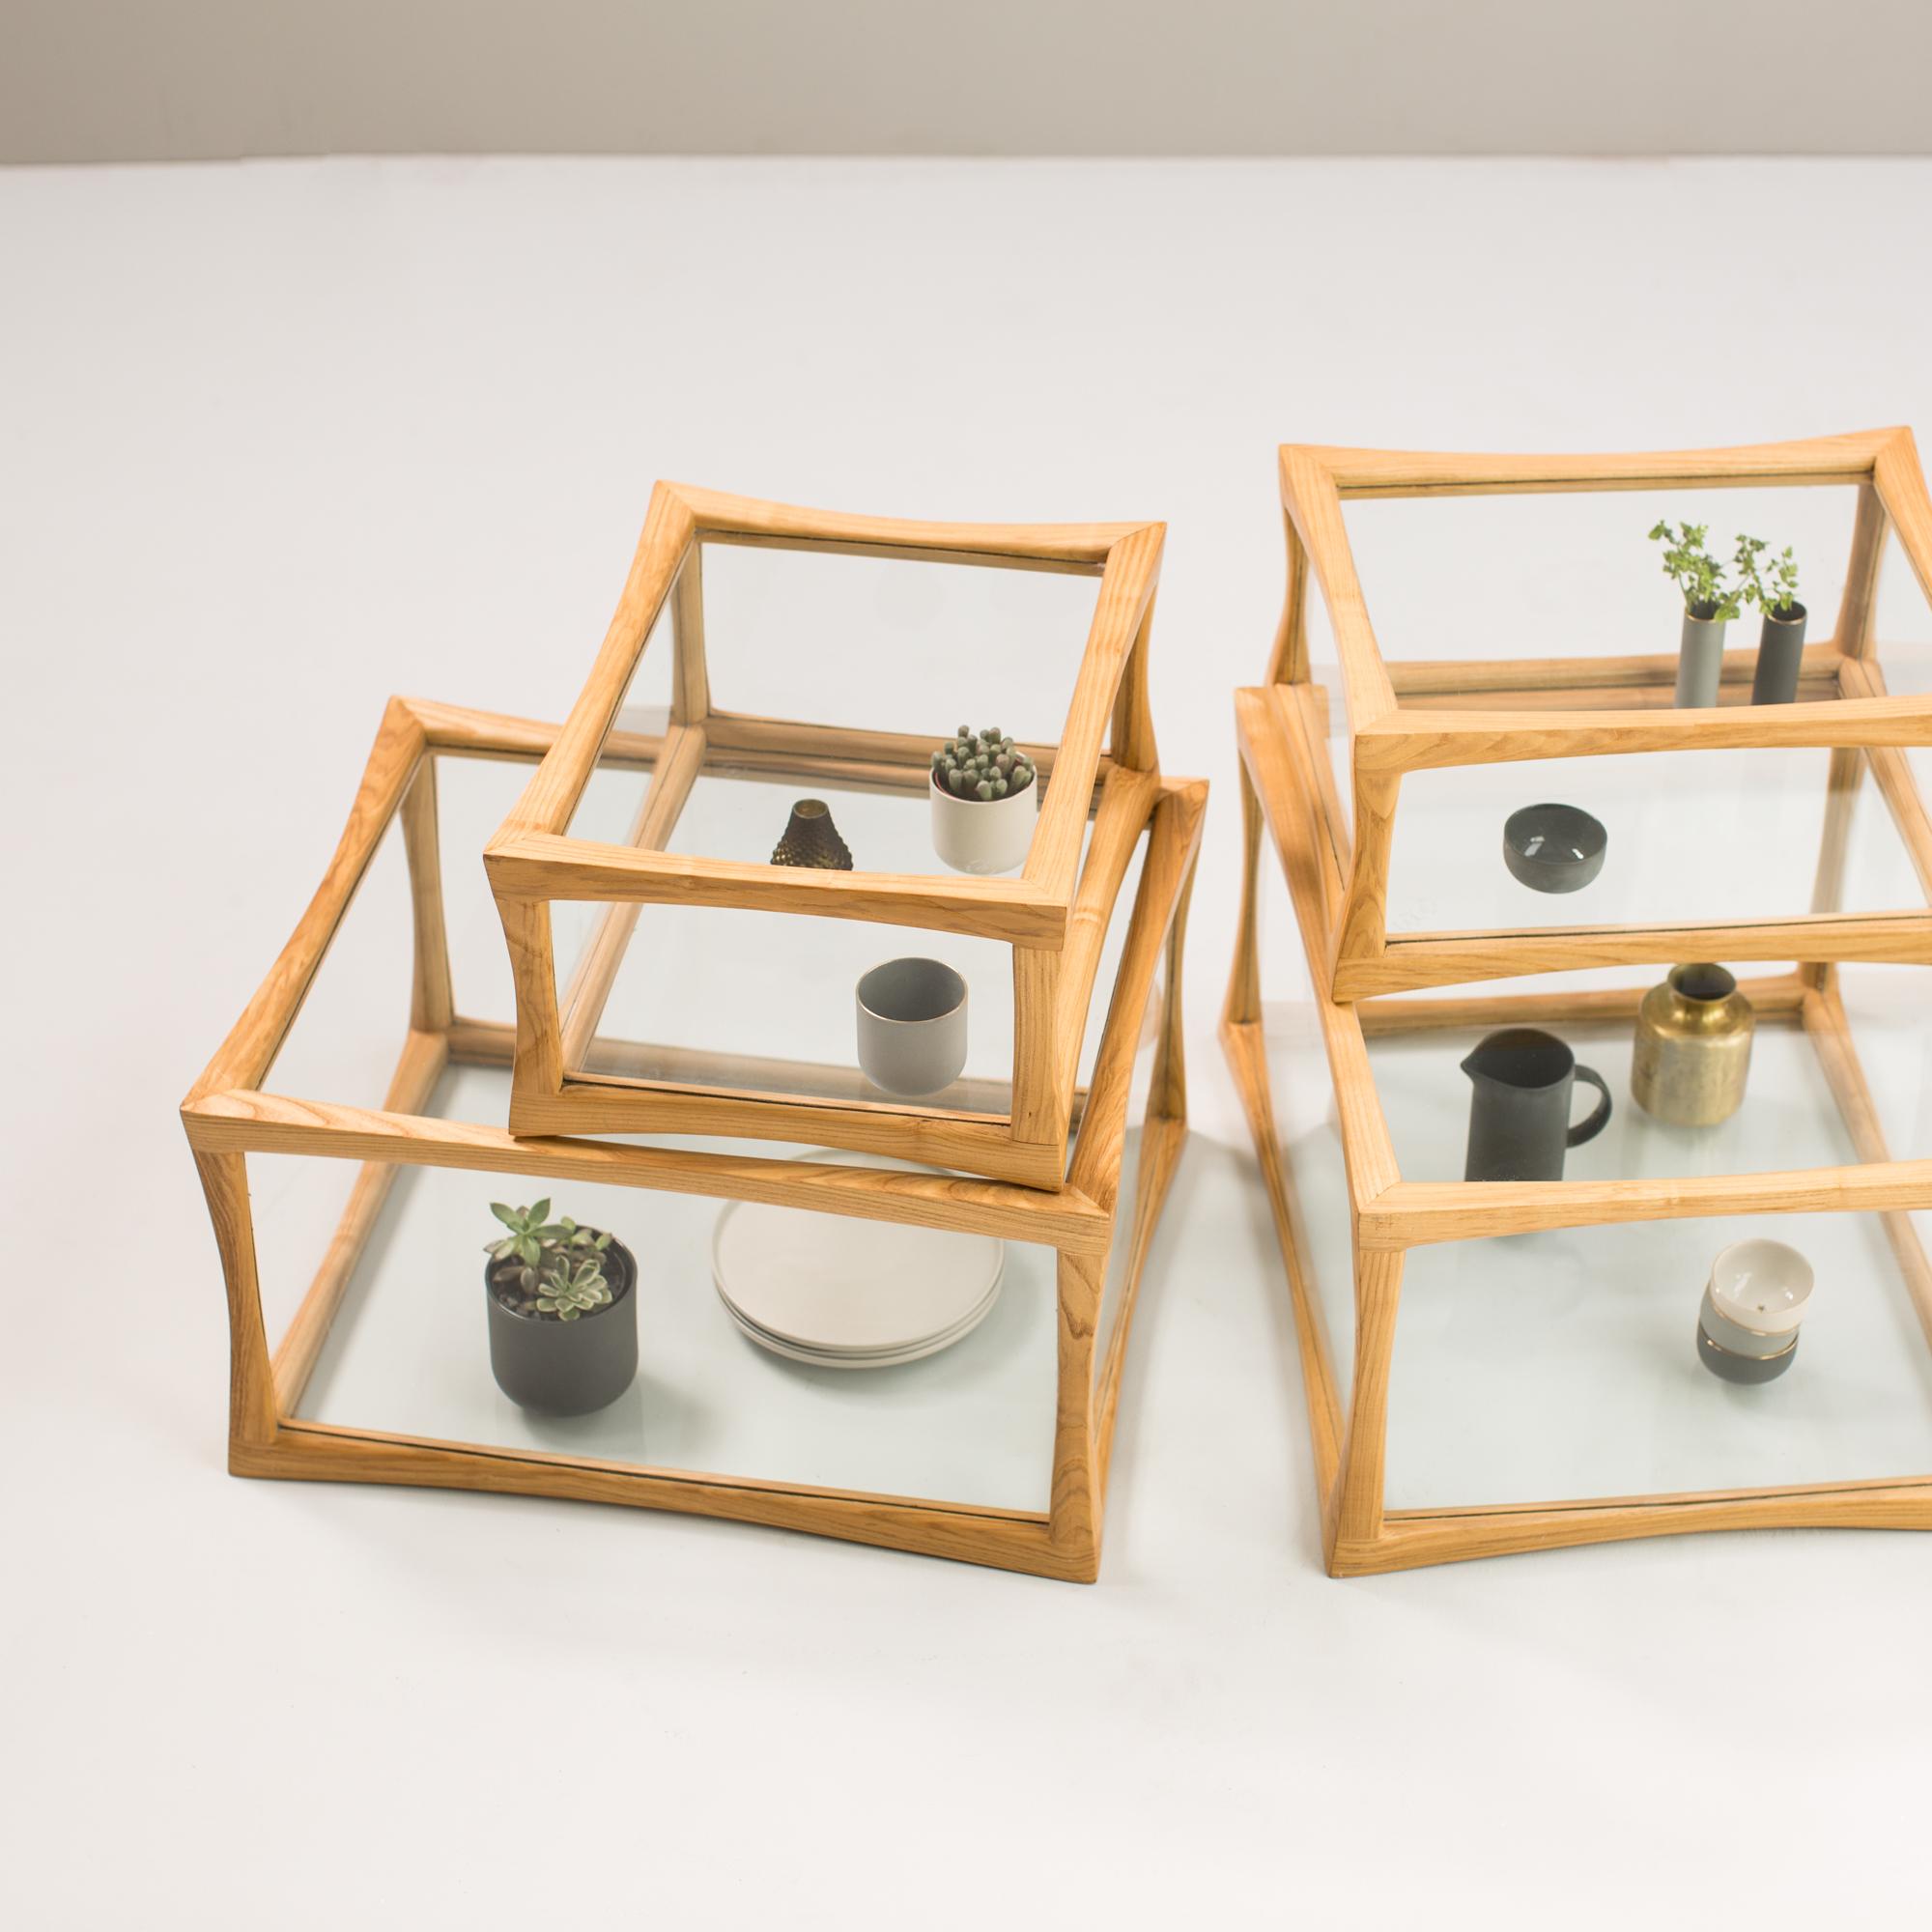 display boxes-2.jpg